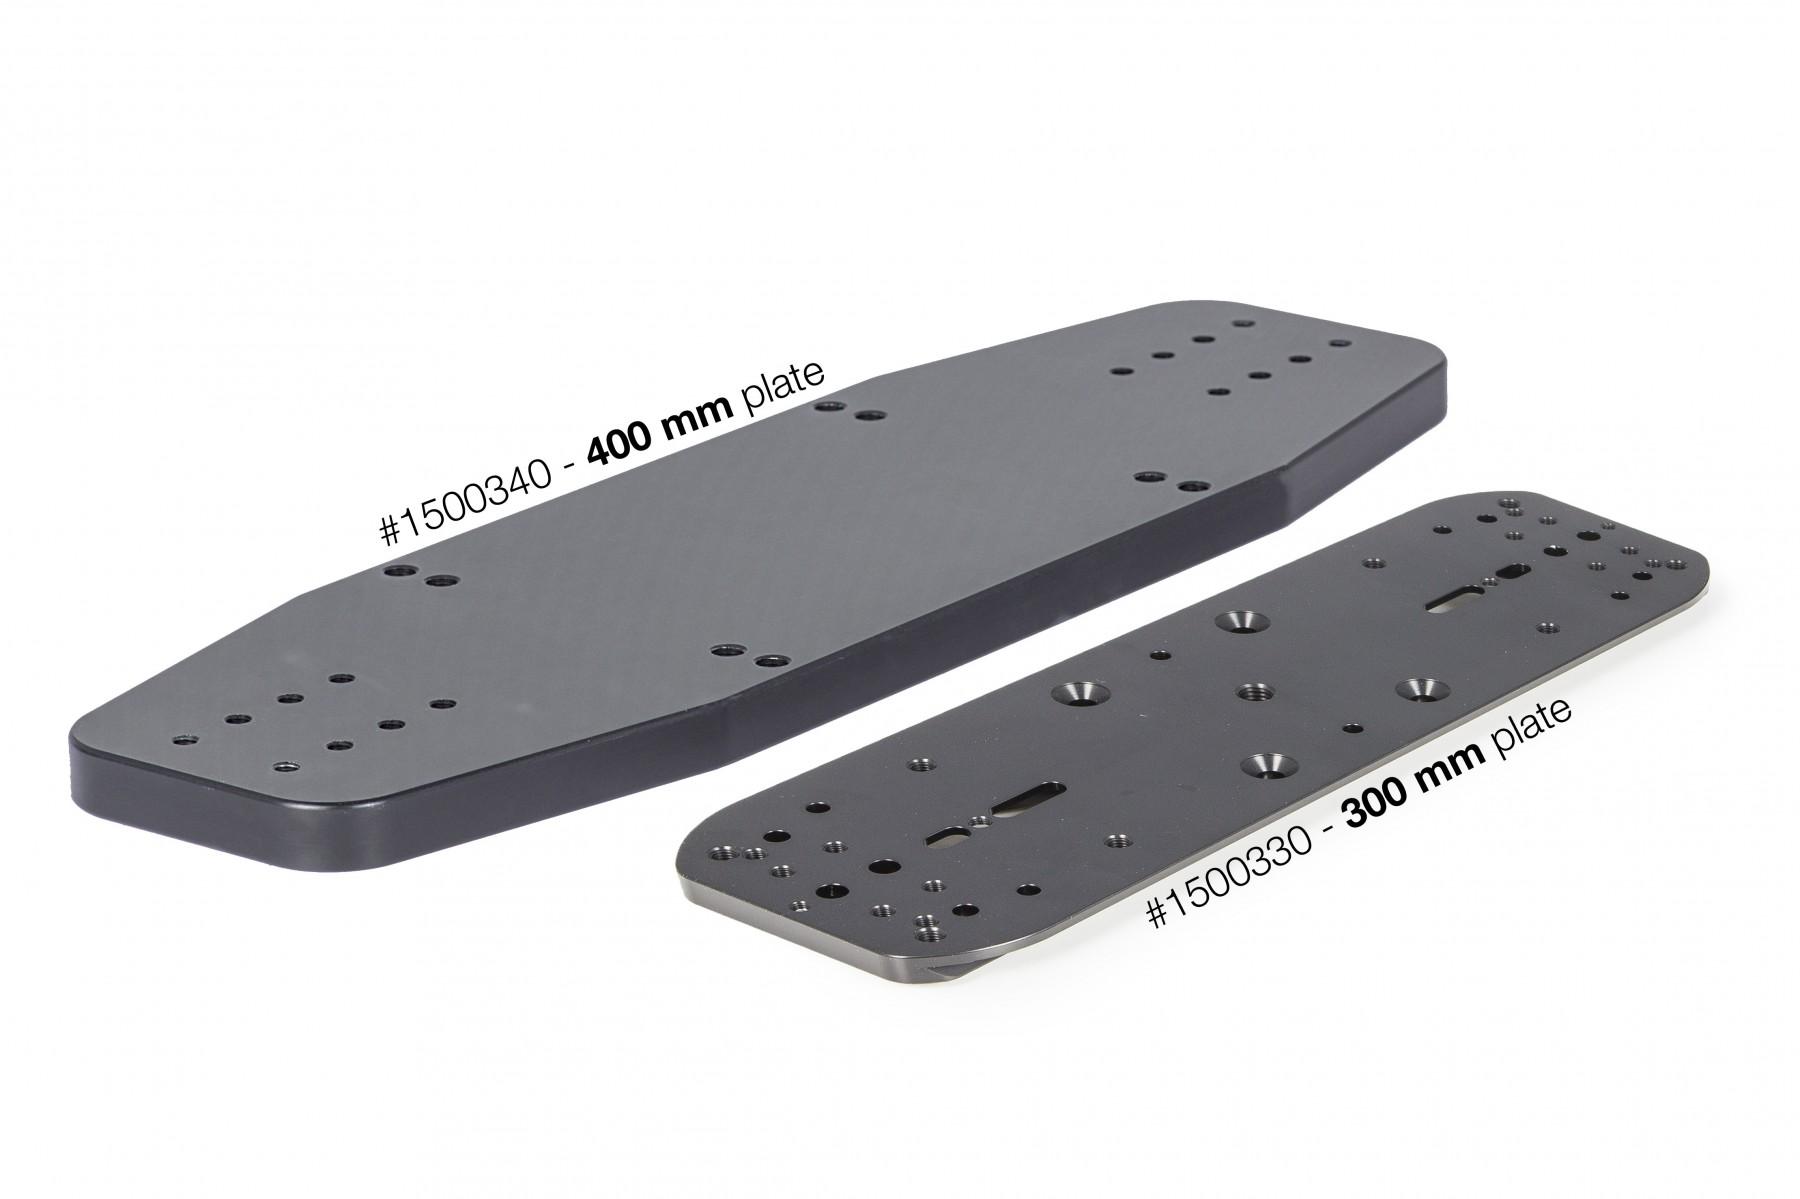 Anwendungsbild: Kombination: Links #1500340 - 400 mm Halteplatte für Leitrohrschellen (Größe III), Rechts Produktabbildung